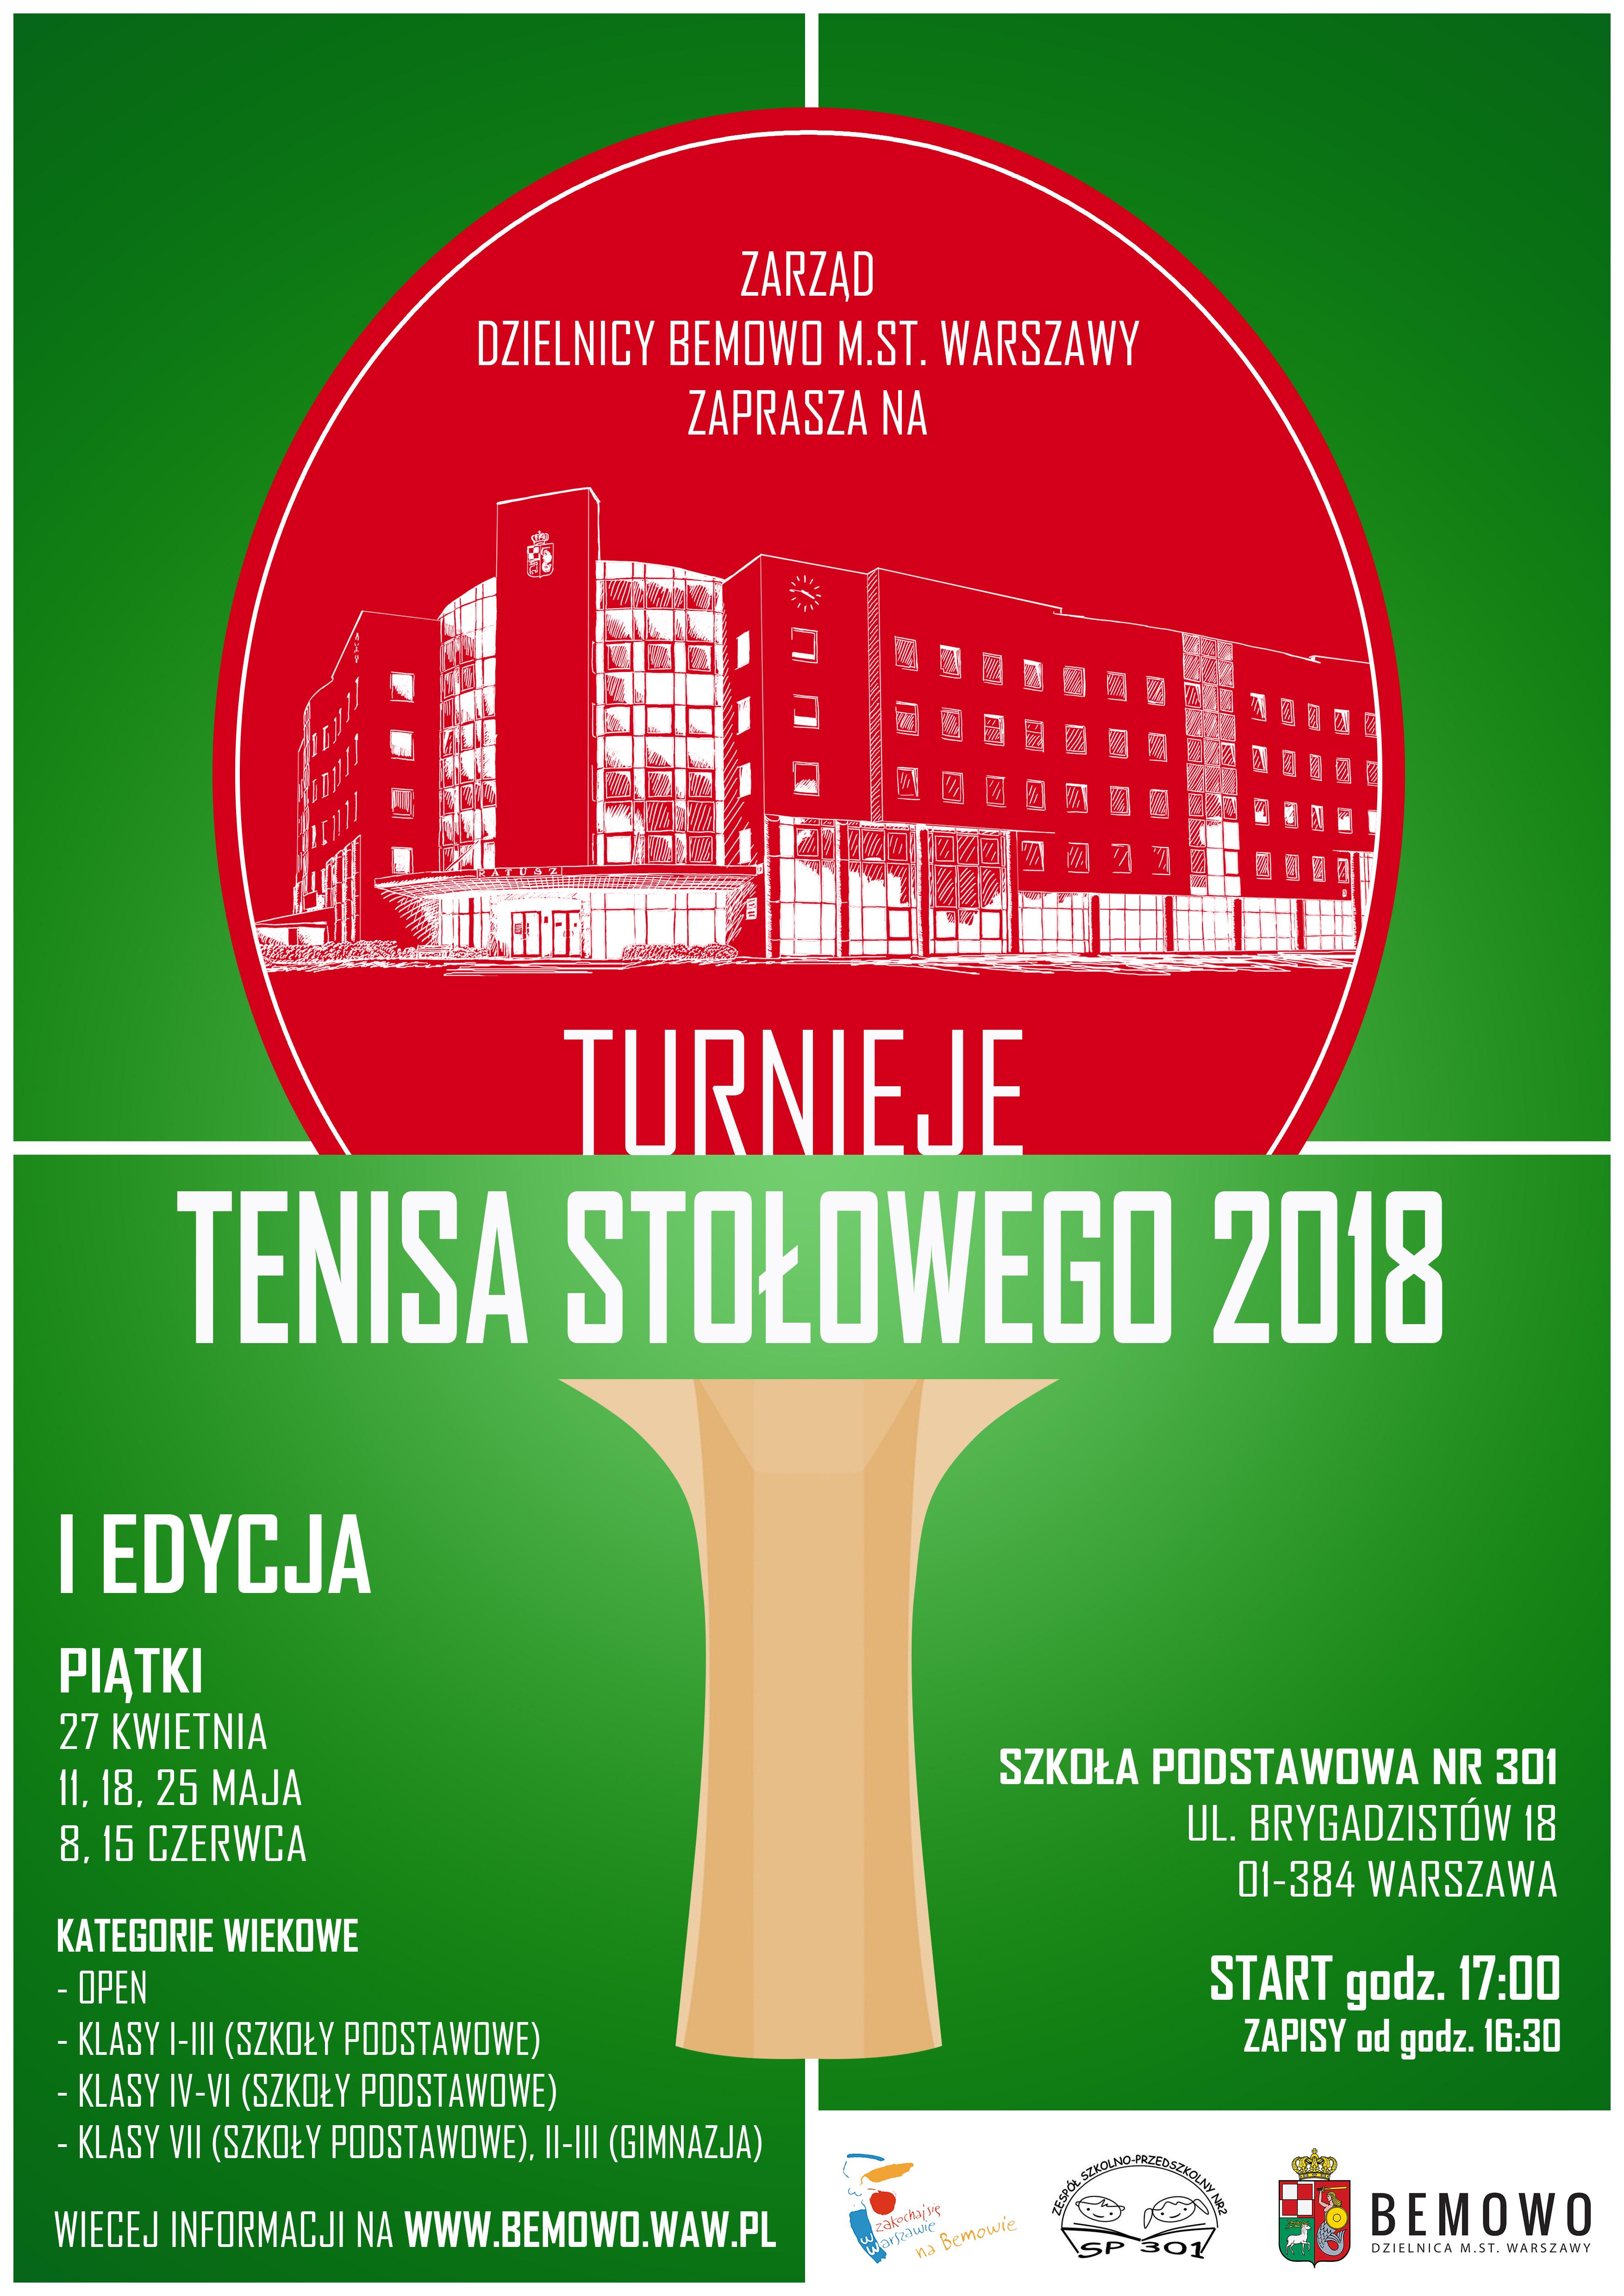 Plakat turnieju Turnieje tenisa stołowego Bemowo- edycja wiosenna